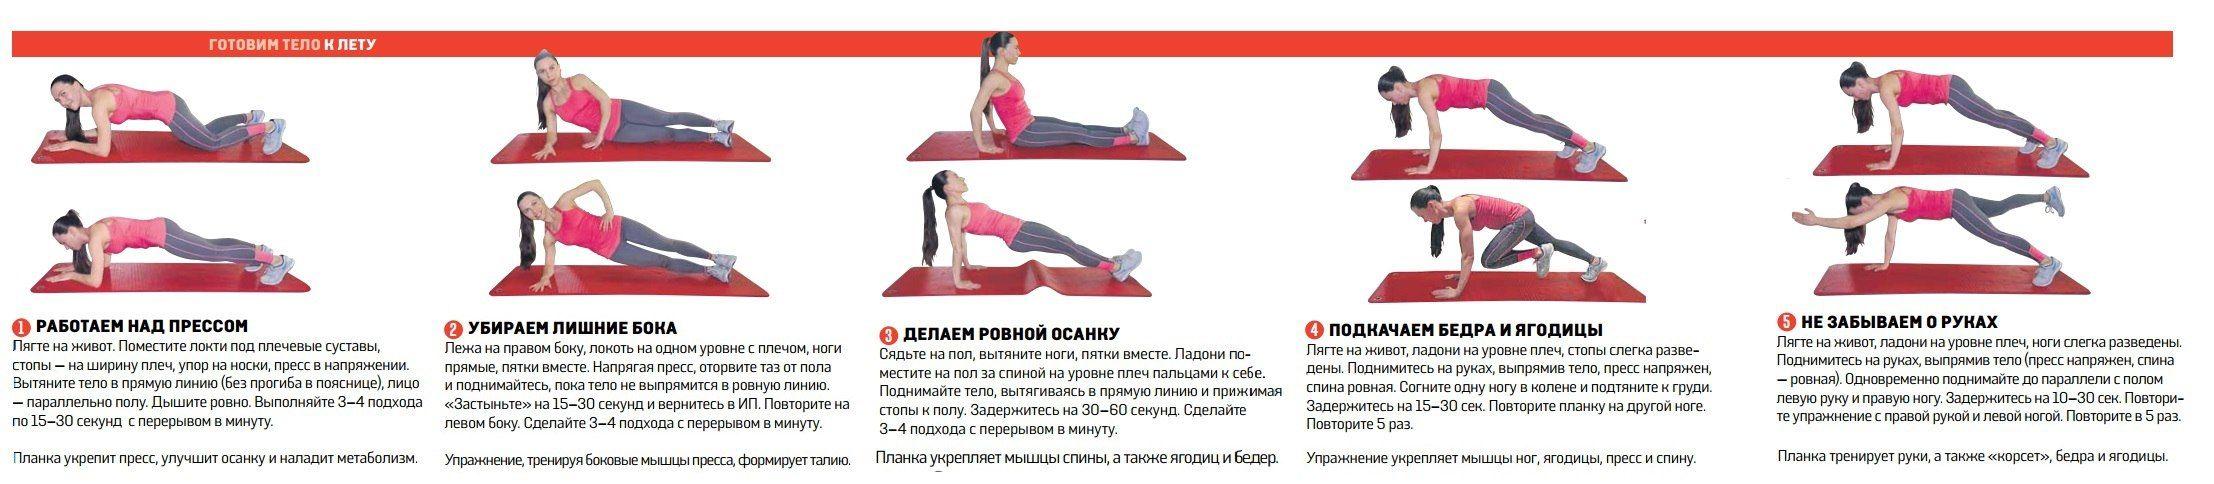 Как с помощью физических упражнений сбросить вес